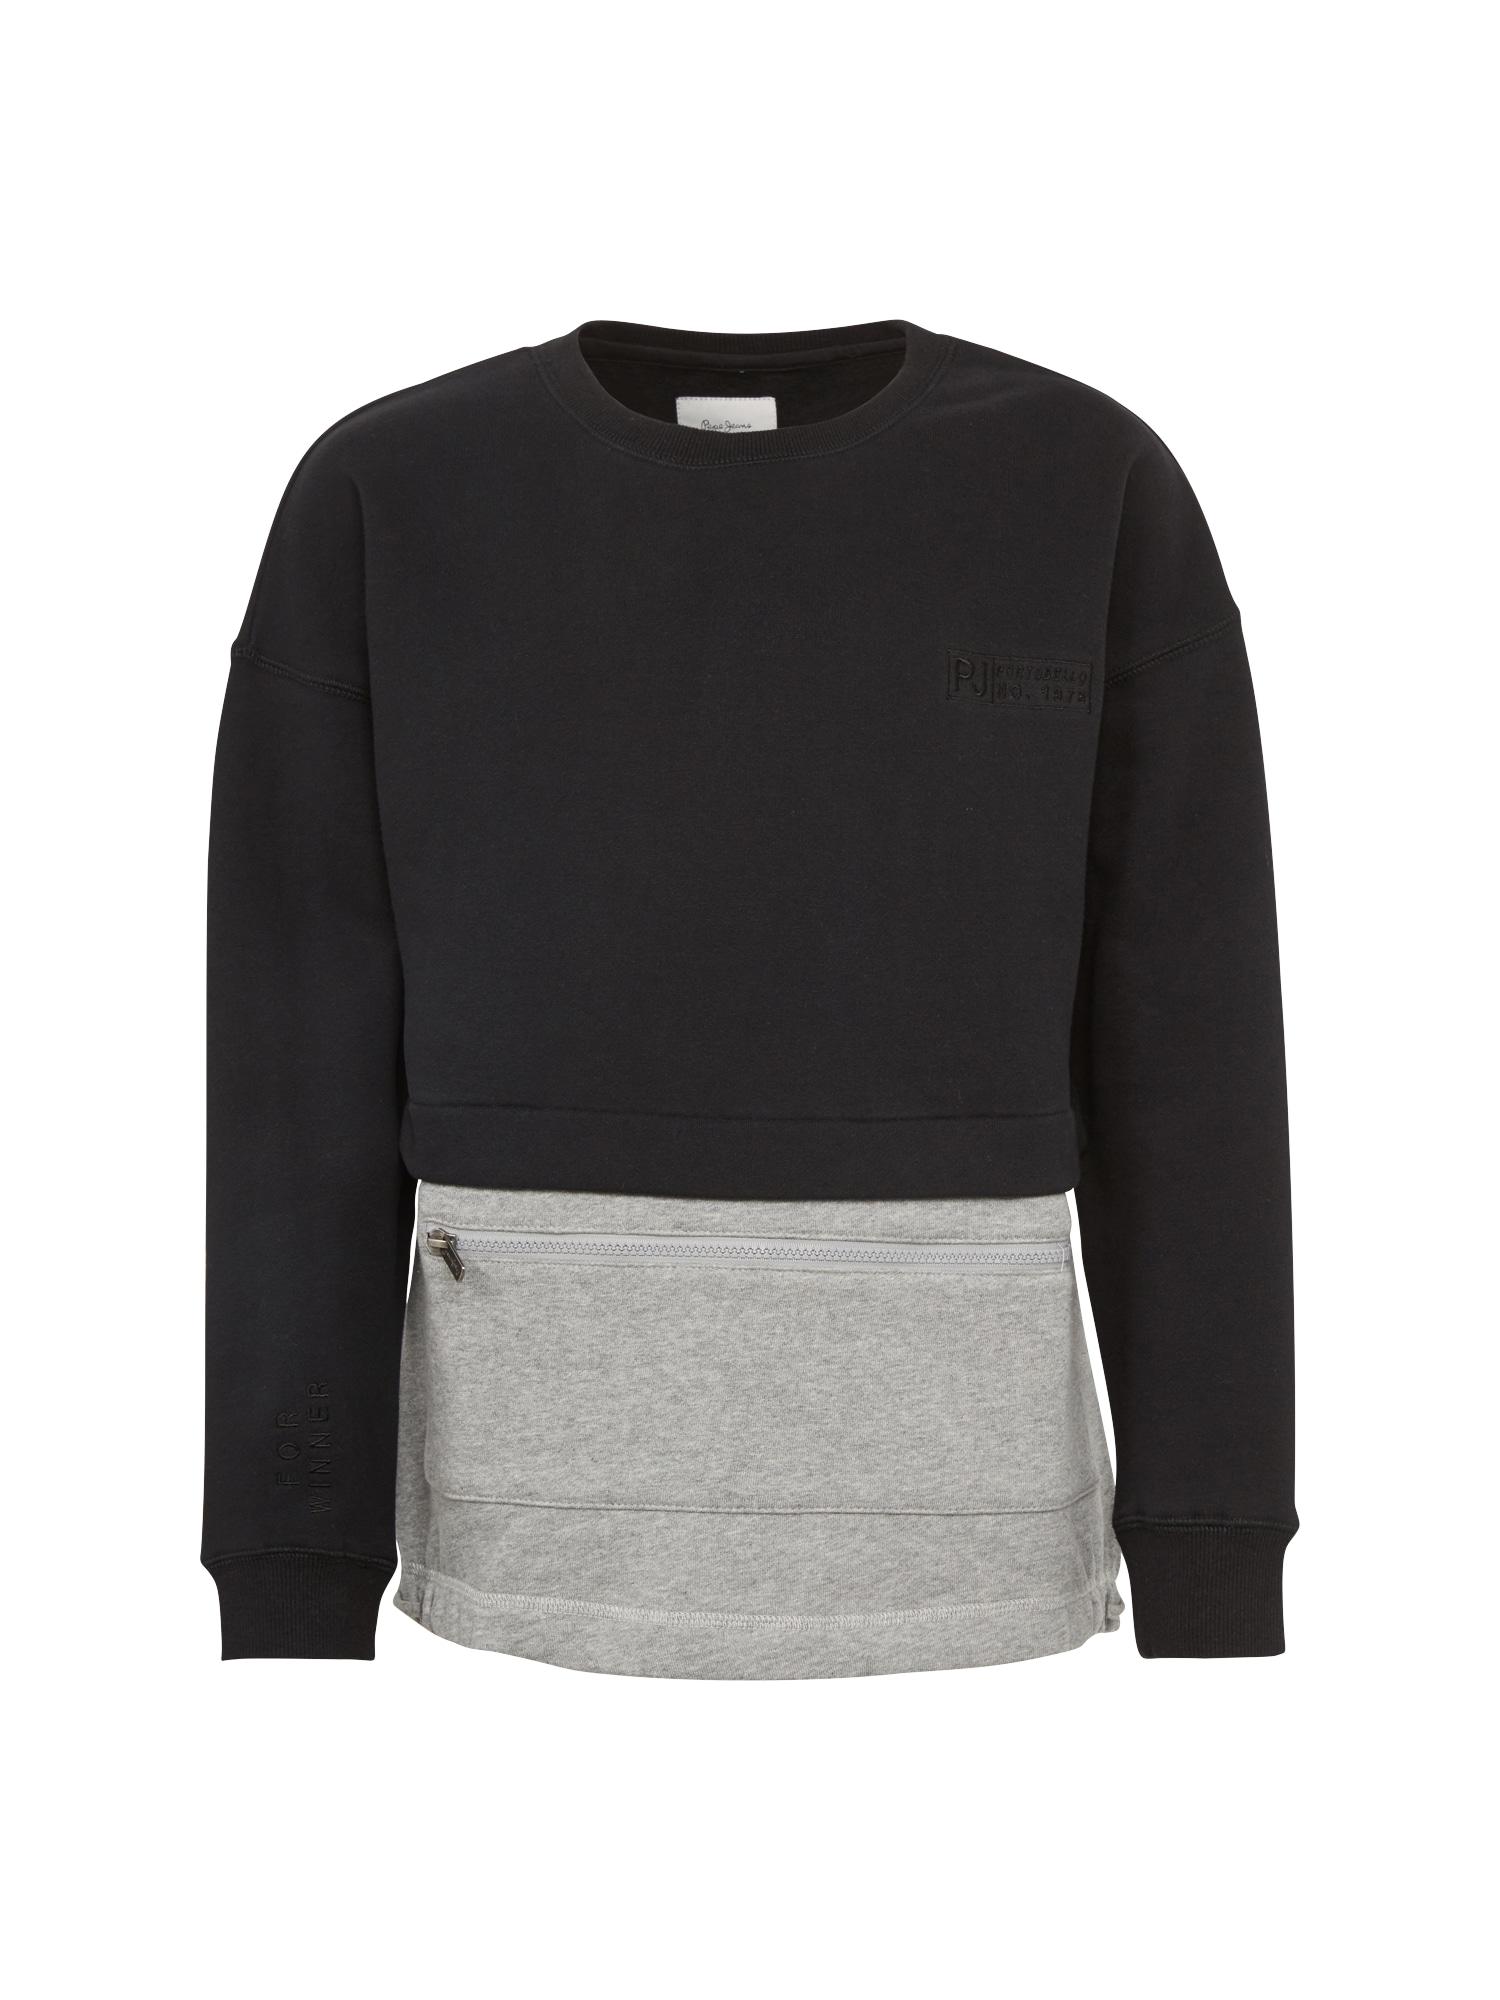 Pepe Jeans Jongens Sweatshirt SAUL TEEN grijs gemêleerd zwart